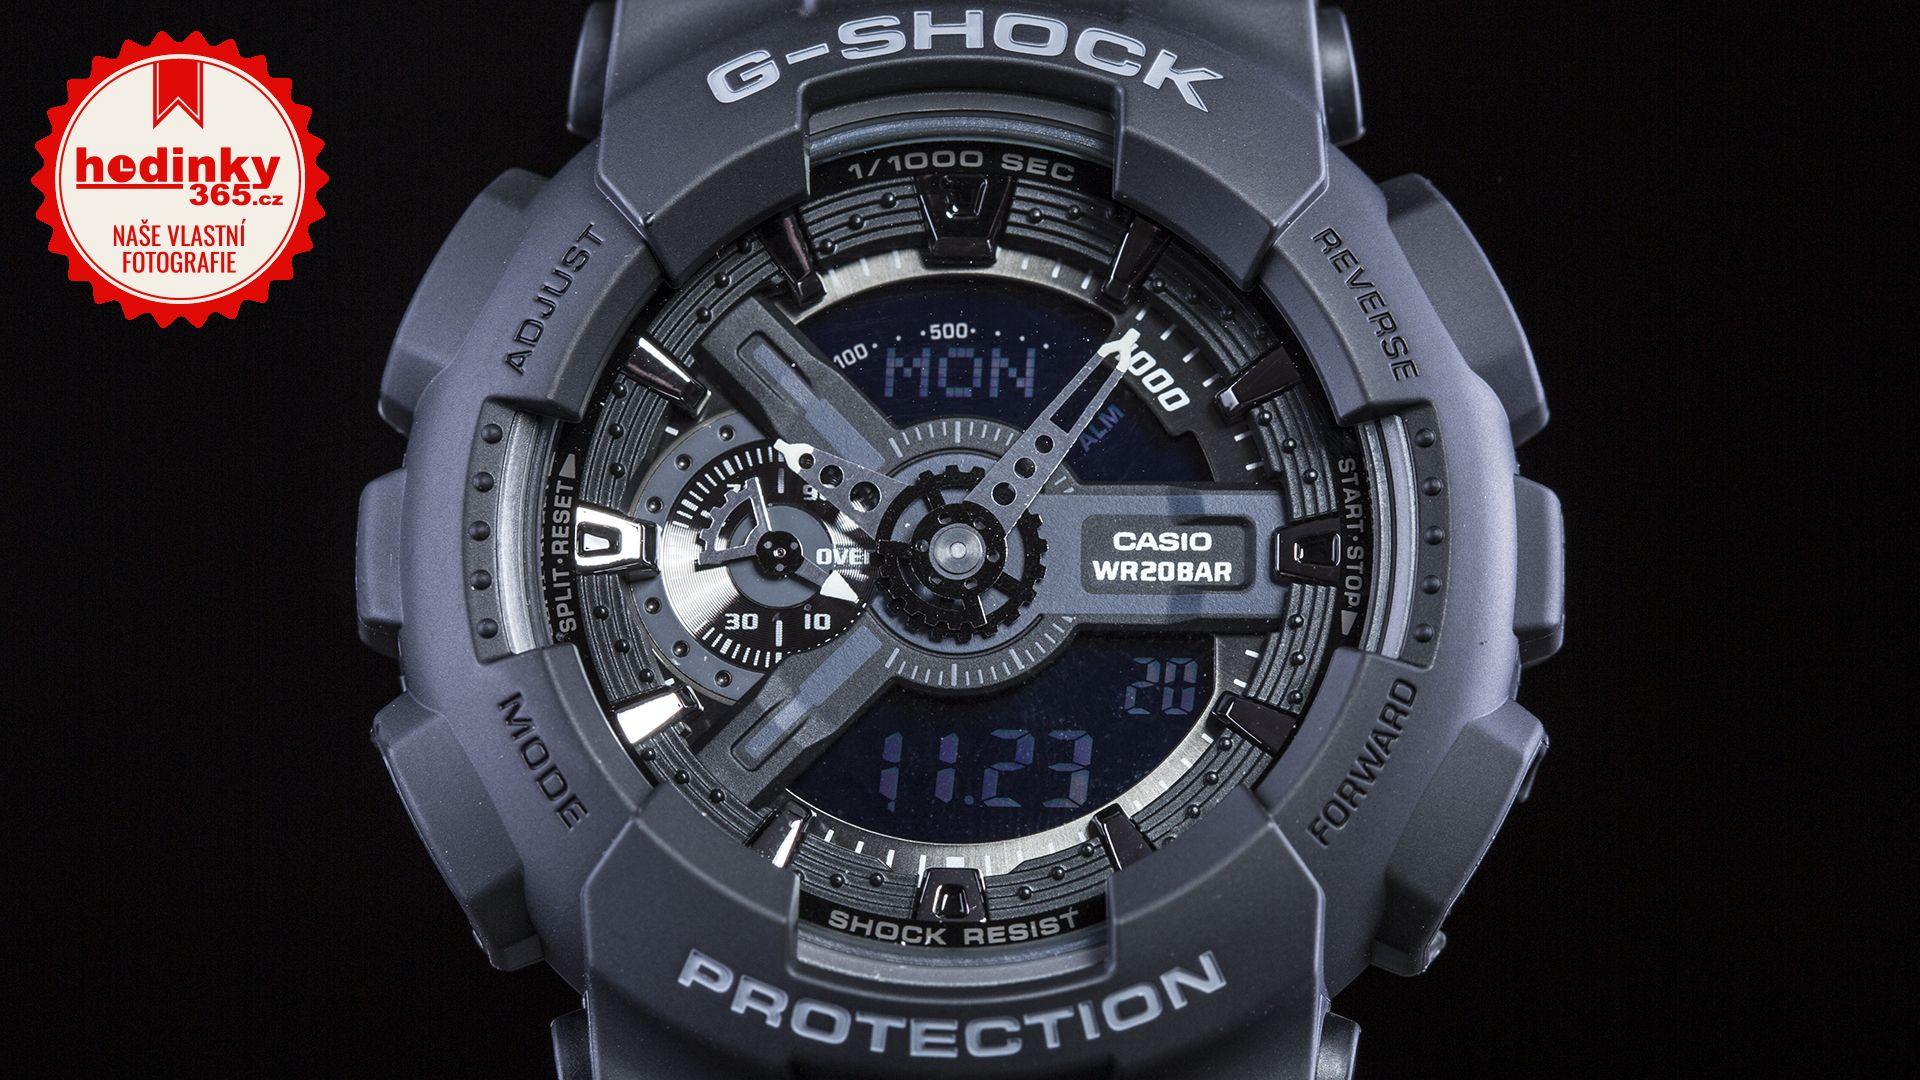 5e1dbcc75 Casio G-Shock Original GA-110-1BER | Hodinky-365.cz